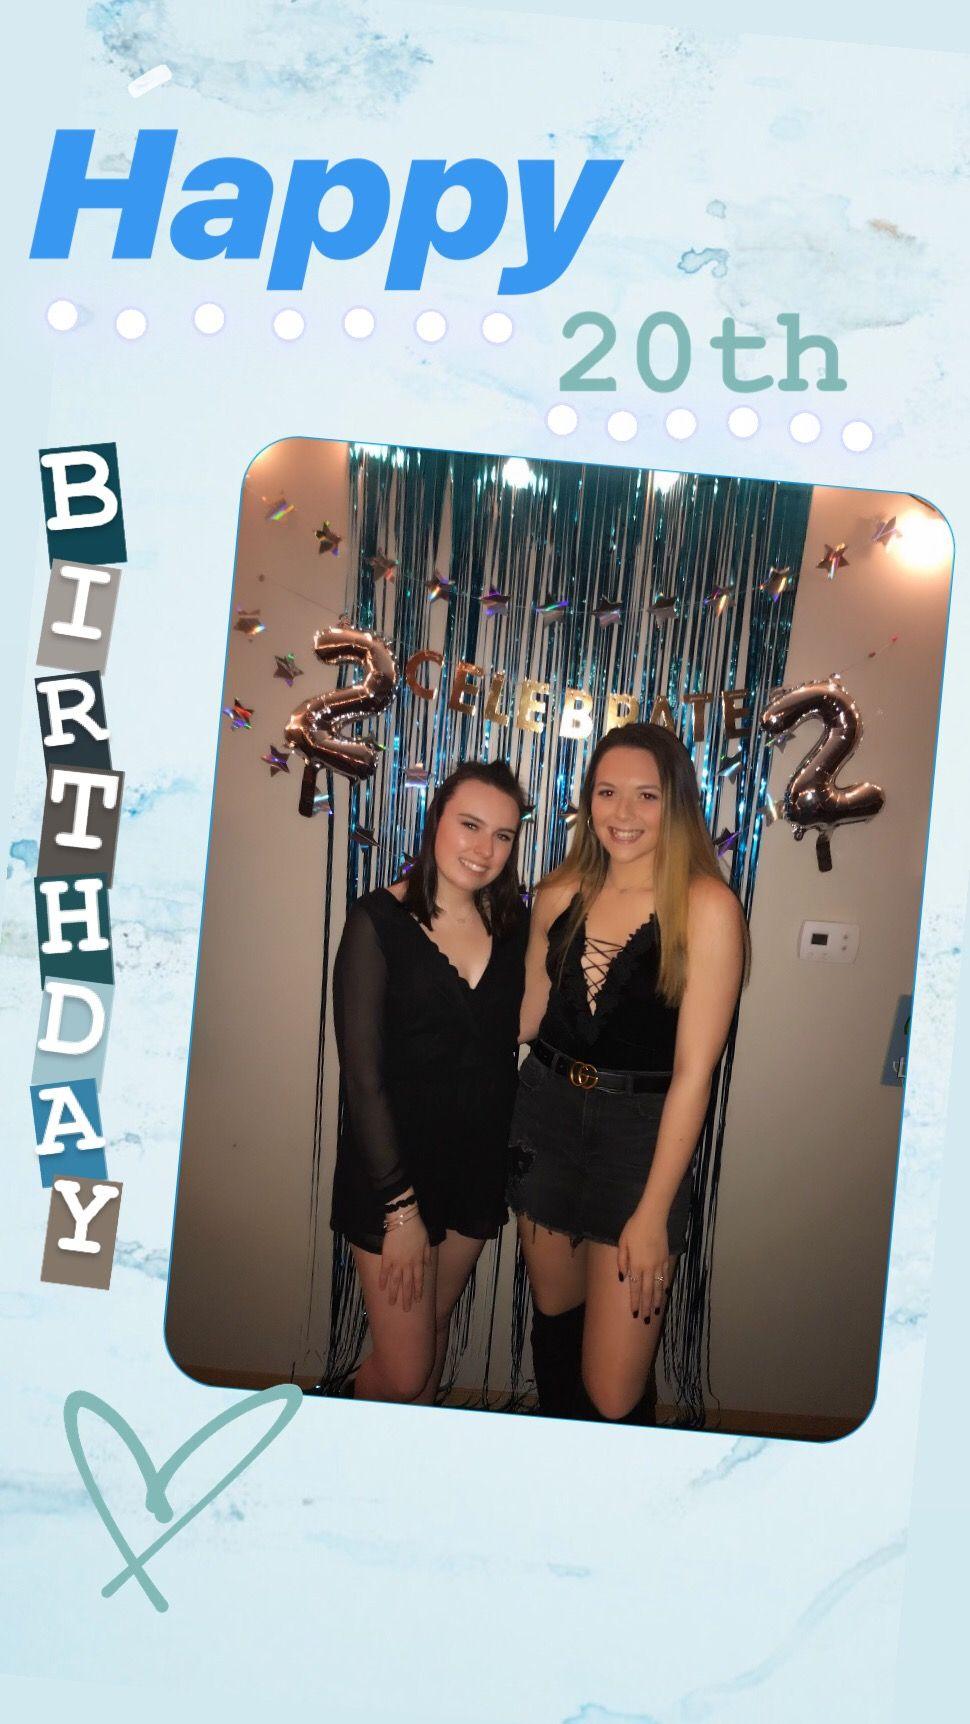 instastory snapchat birthdaypost insta birthday